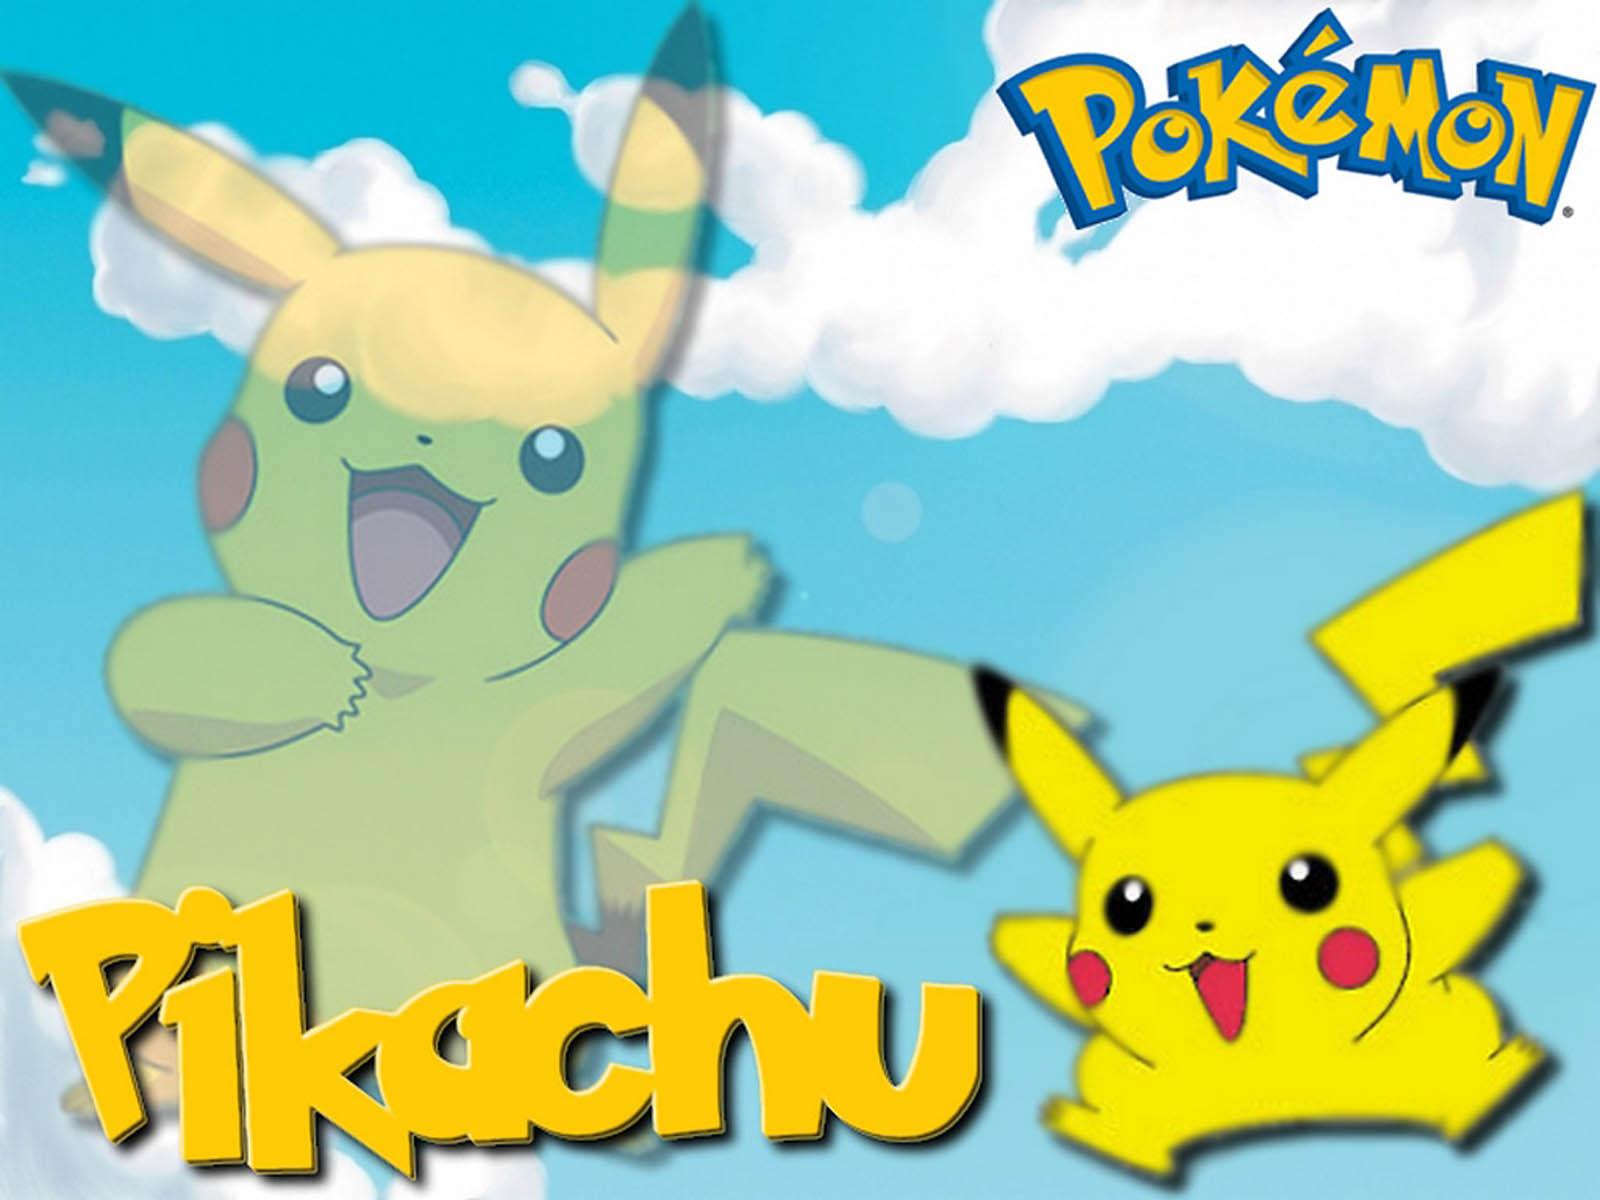 pikachu pokemon wallpaper - photo #16